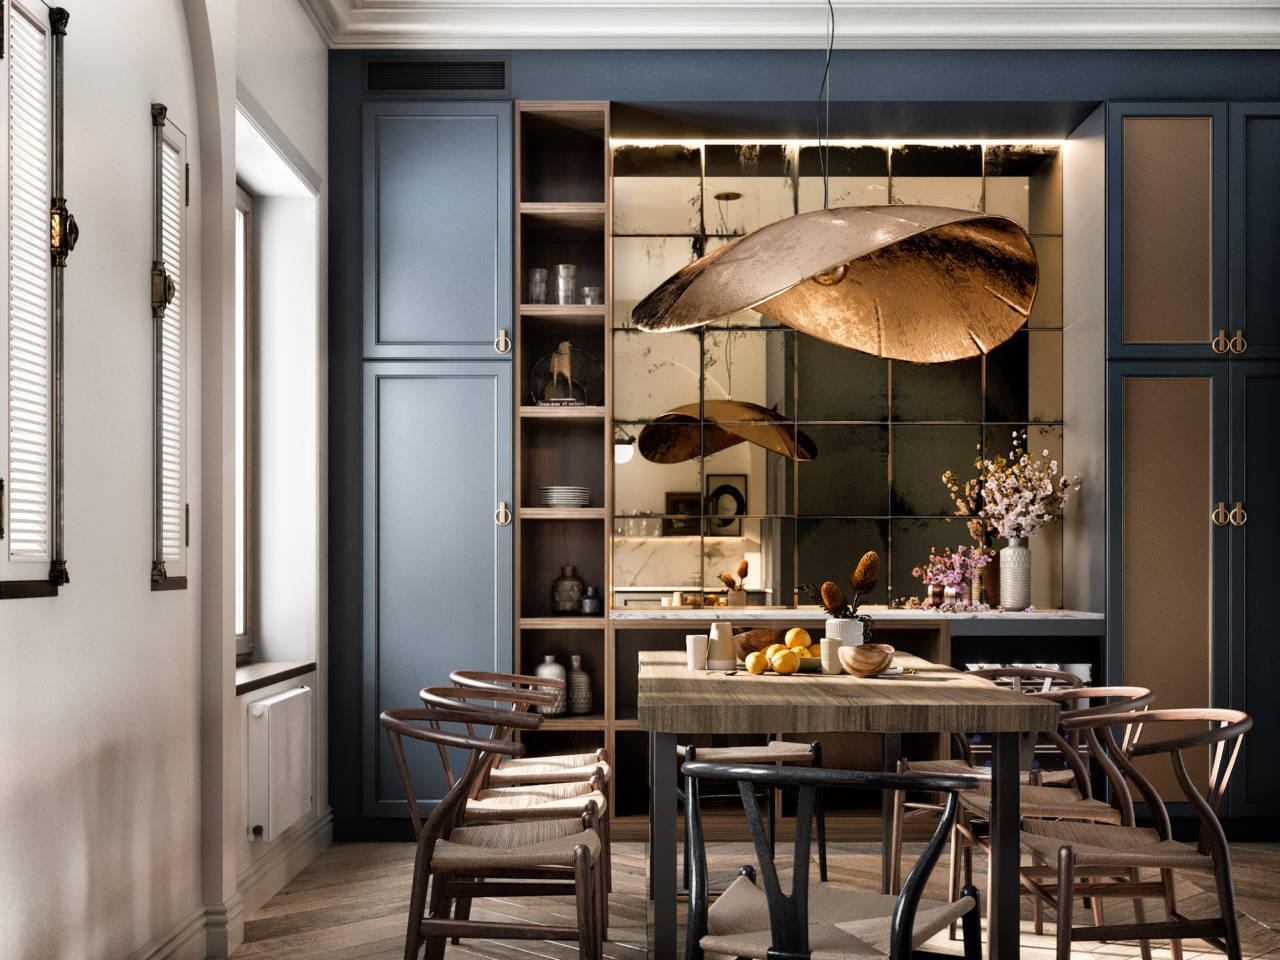 Элитный дизайн интерьера дома: что говорят дизайнеры